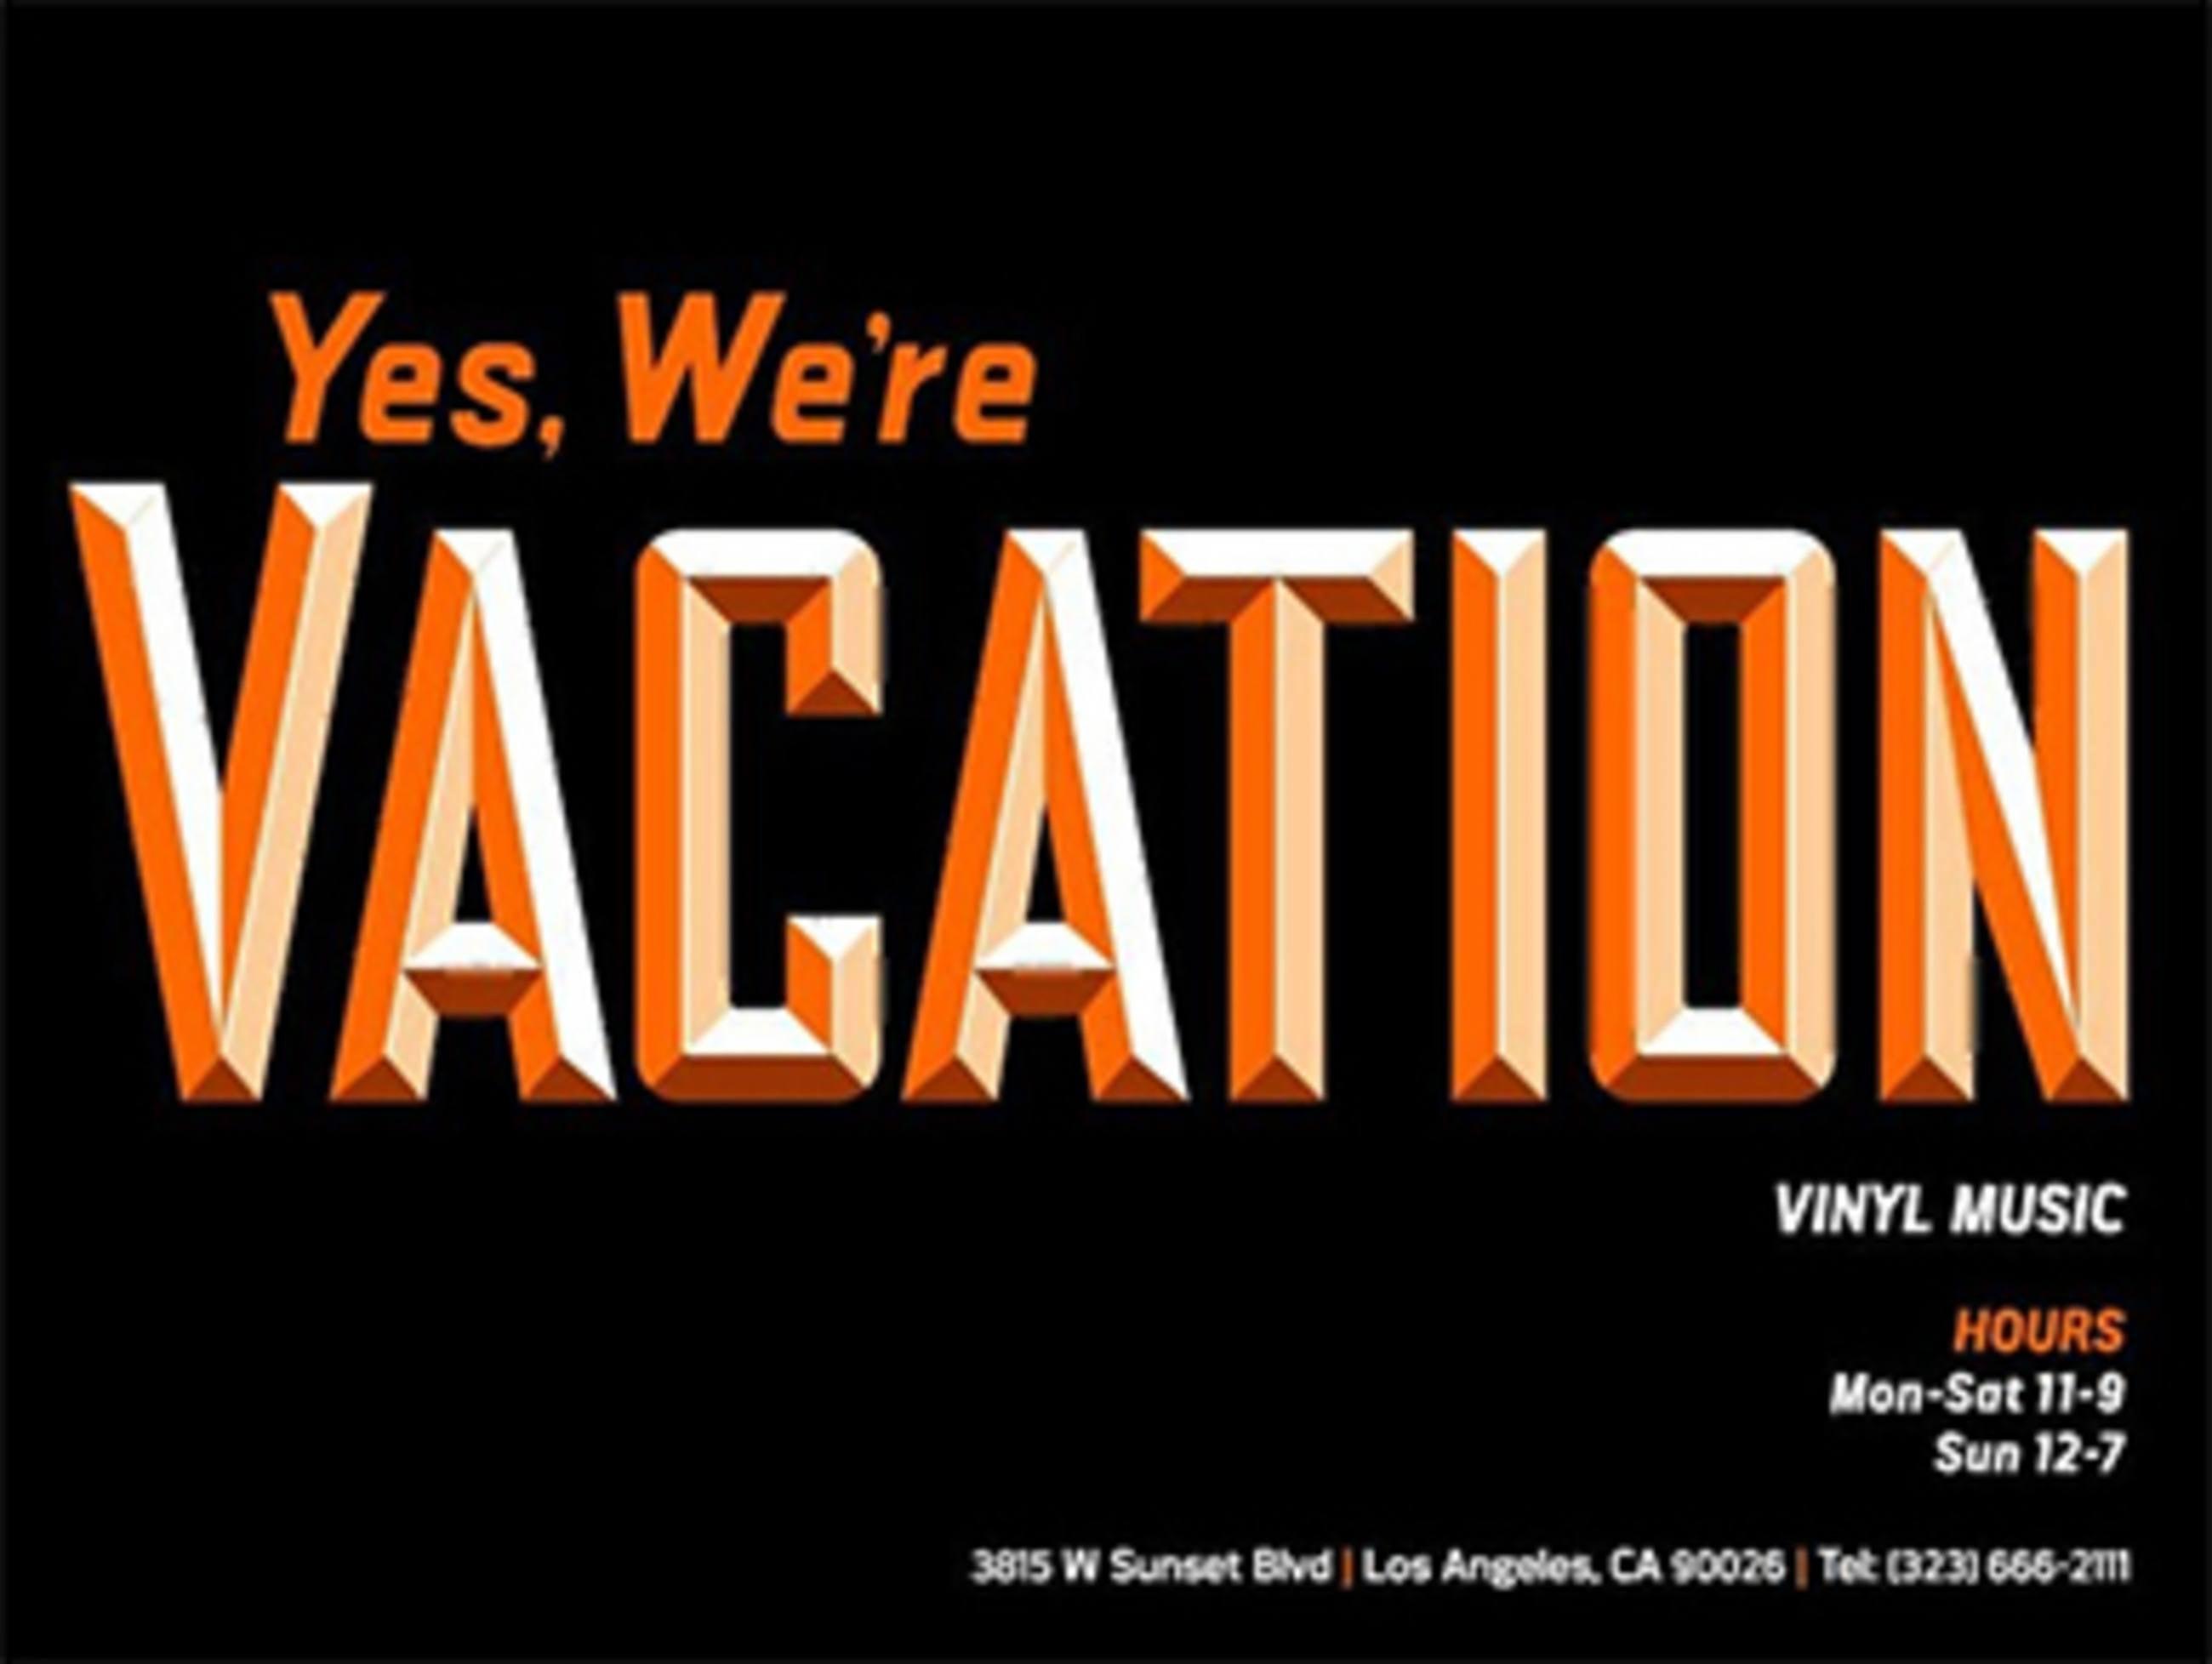 Vacation-Vinyl